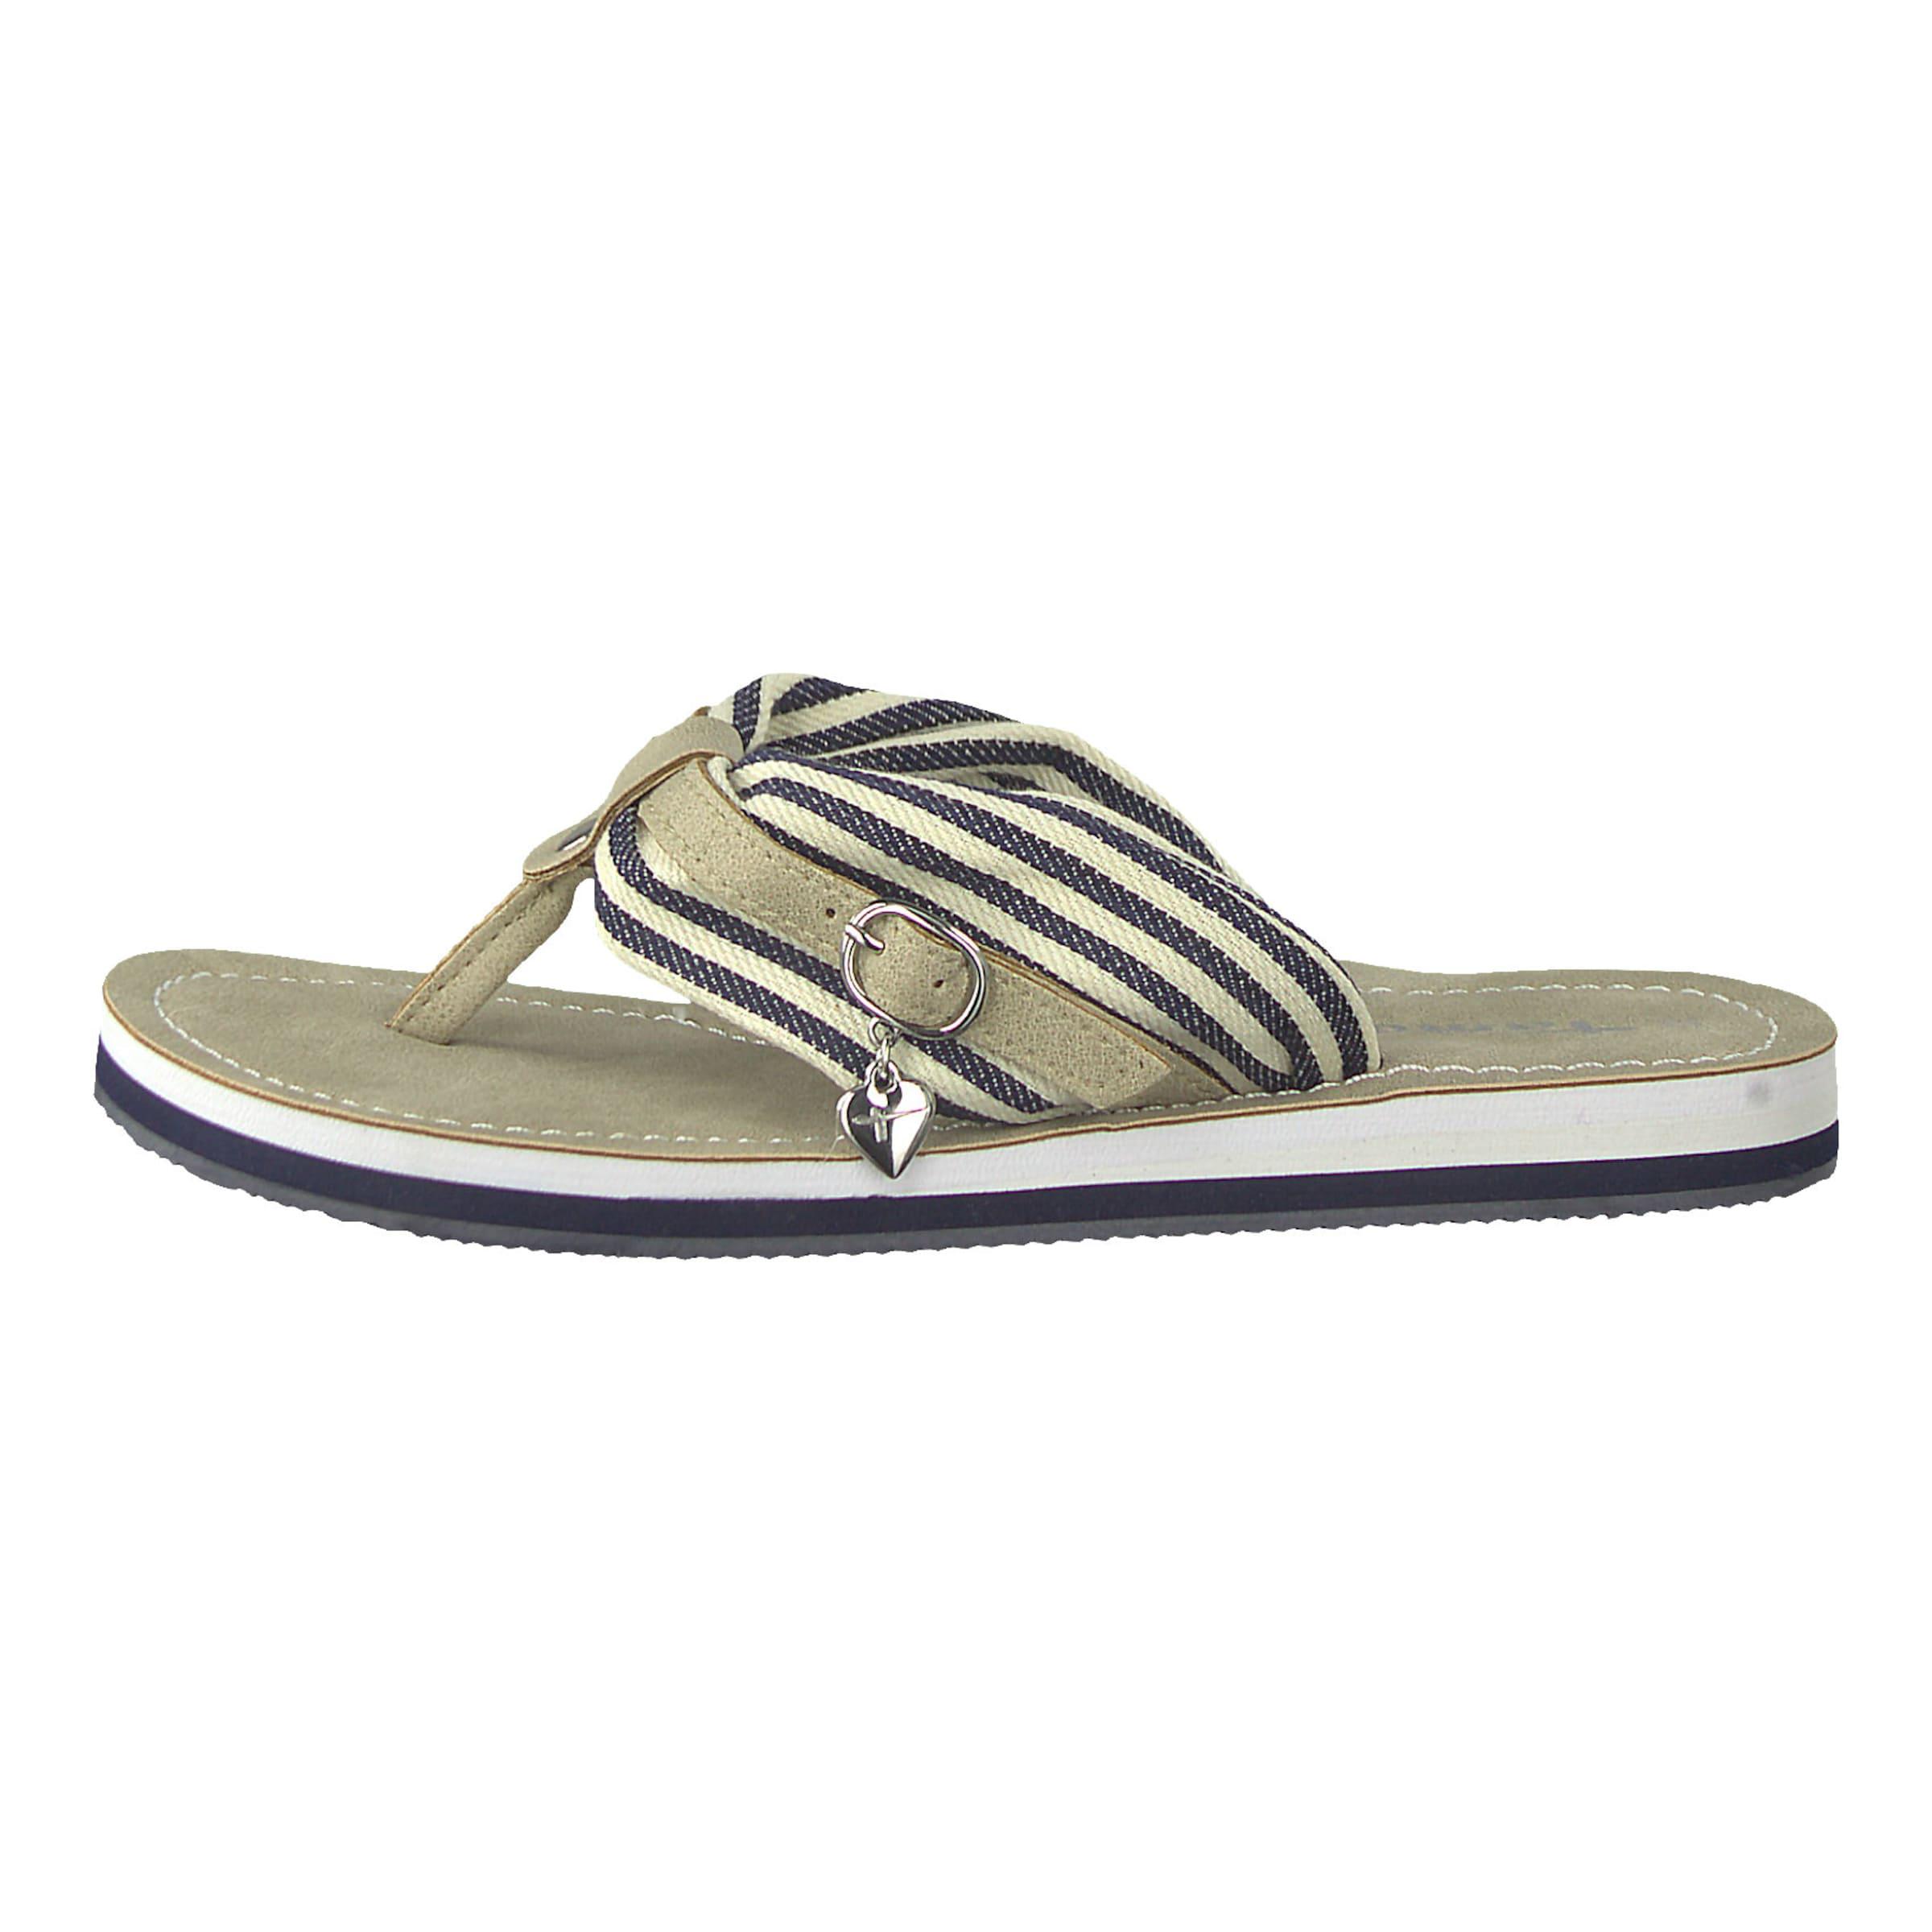 Talsohle Preis 2019 Neupreis hübsch und bunt tamaris sandale